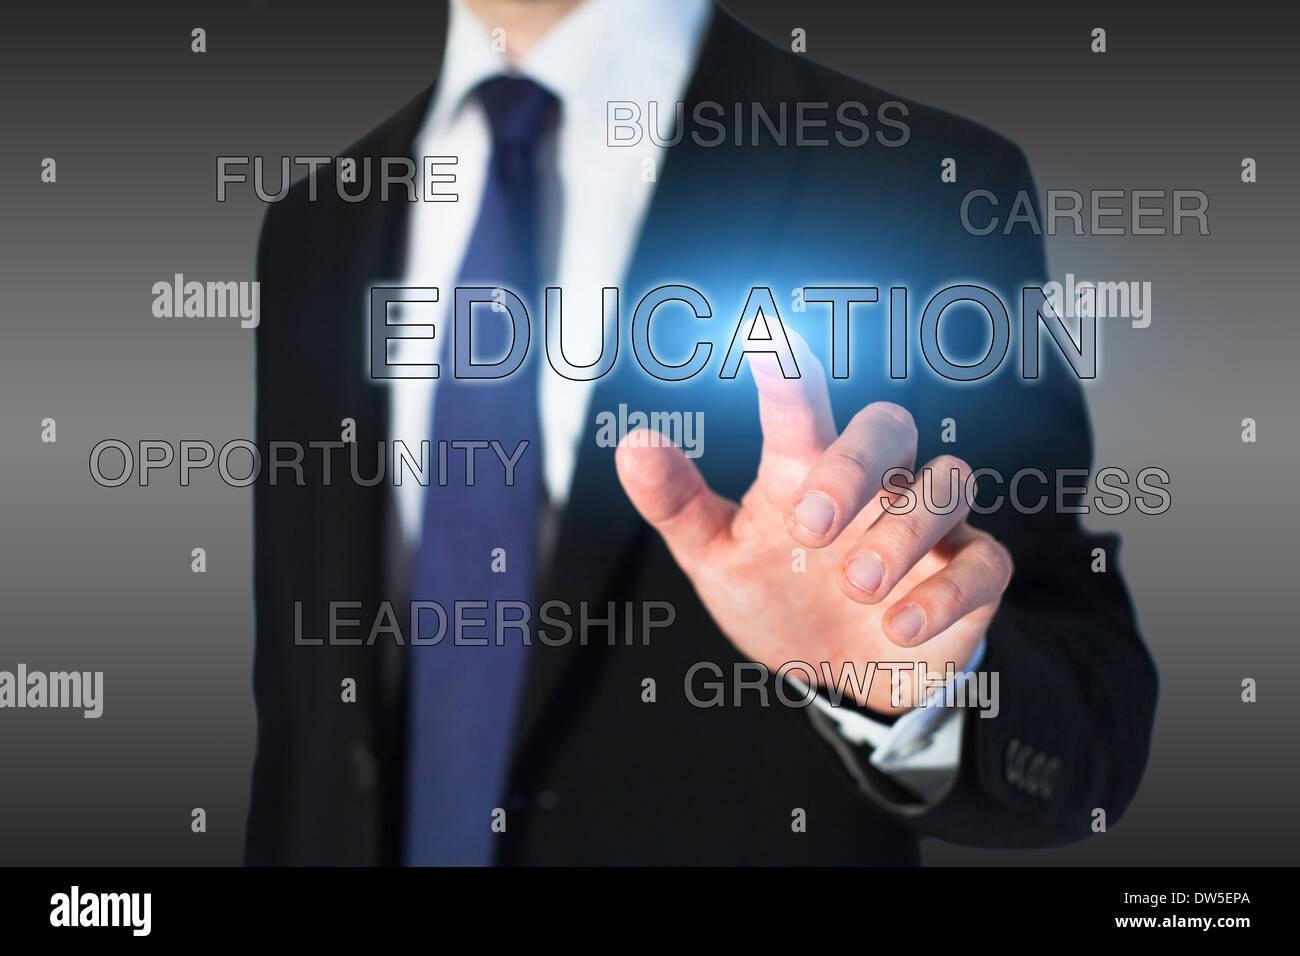 Business Education concept, développement professionnel Photo Stock